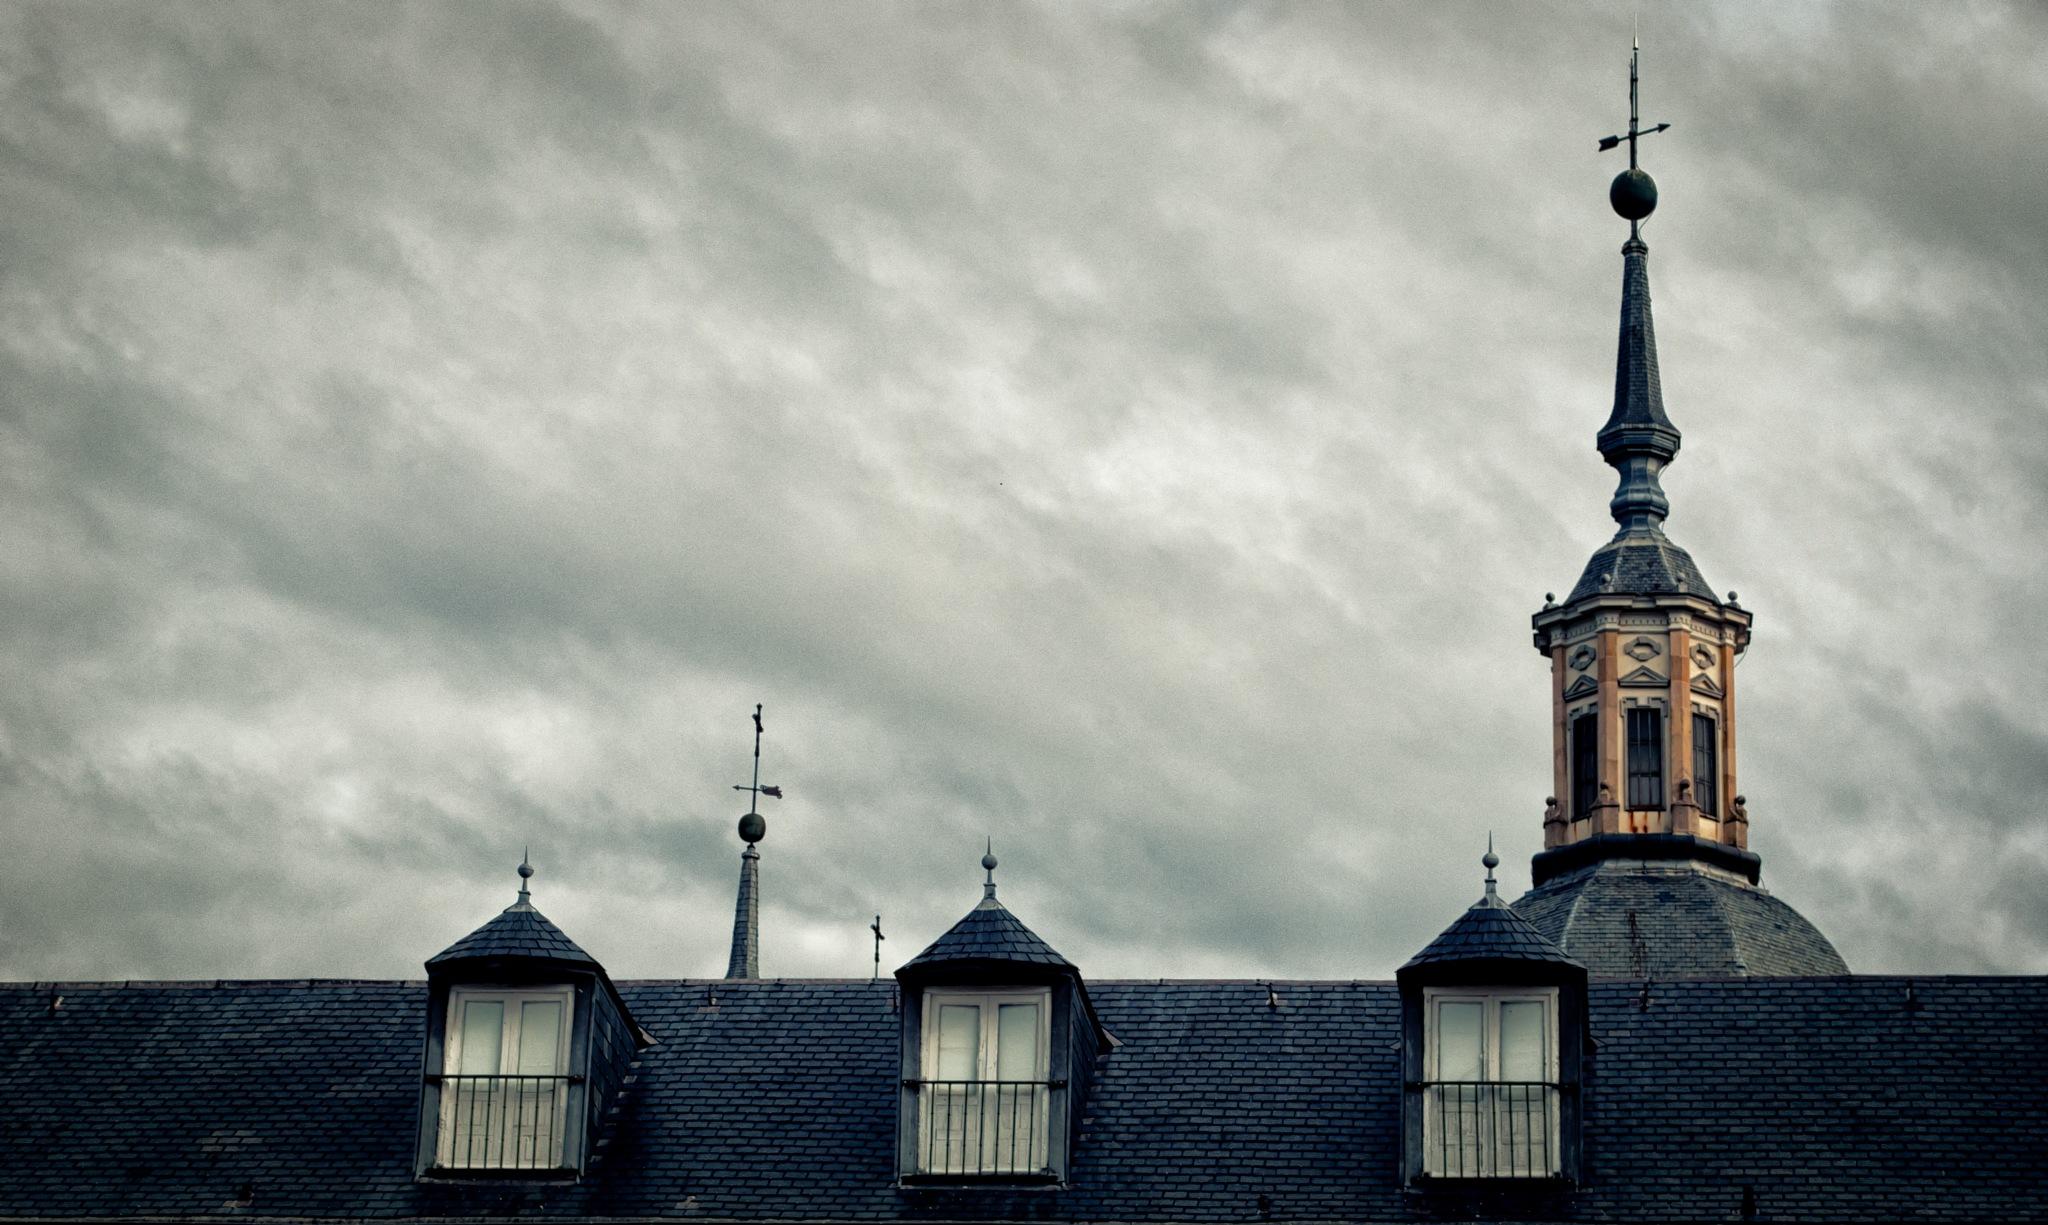 Un palacio real. La Granja de San Ildefonso. by MiguelOnPhotography